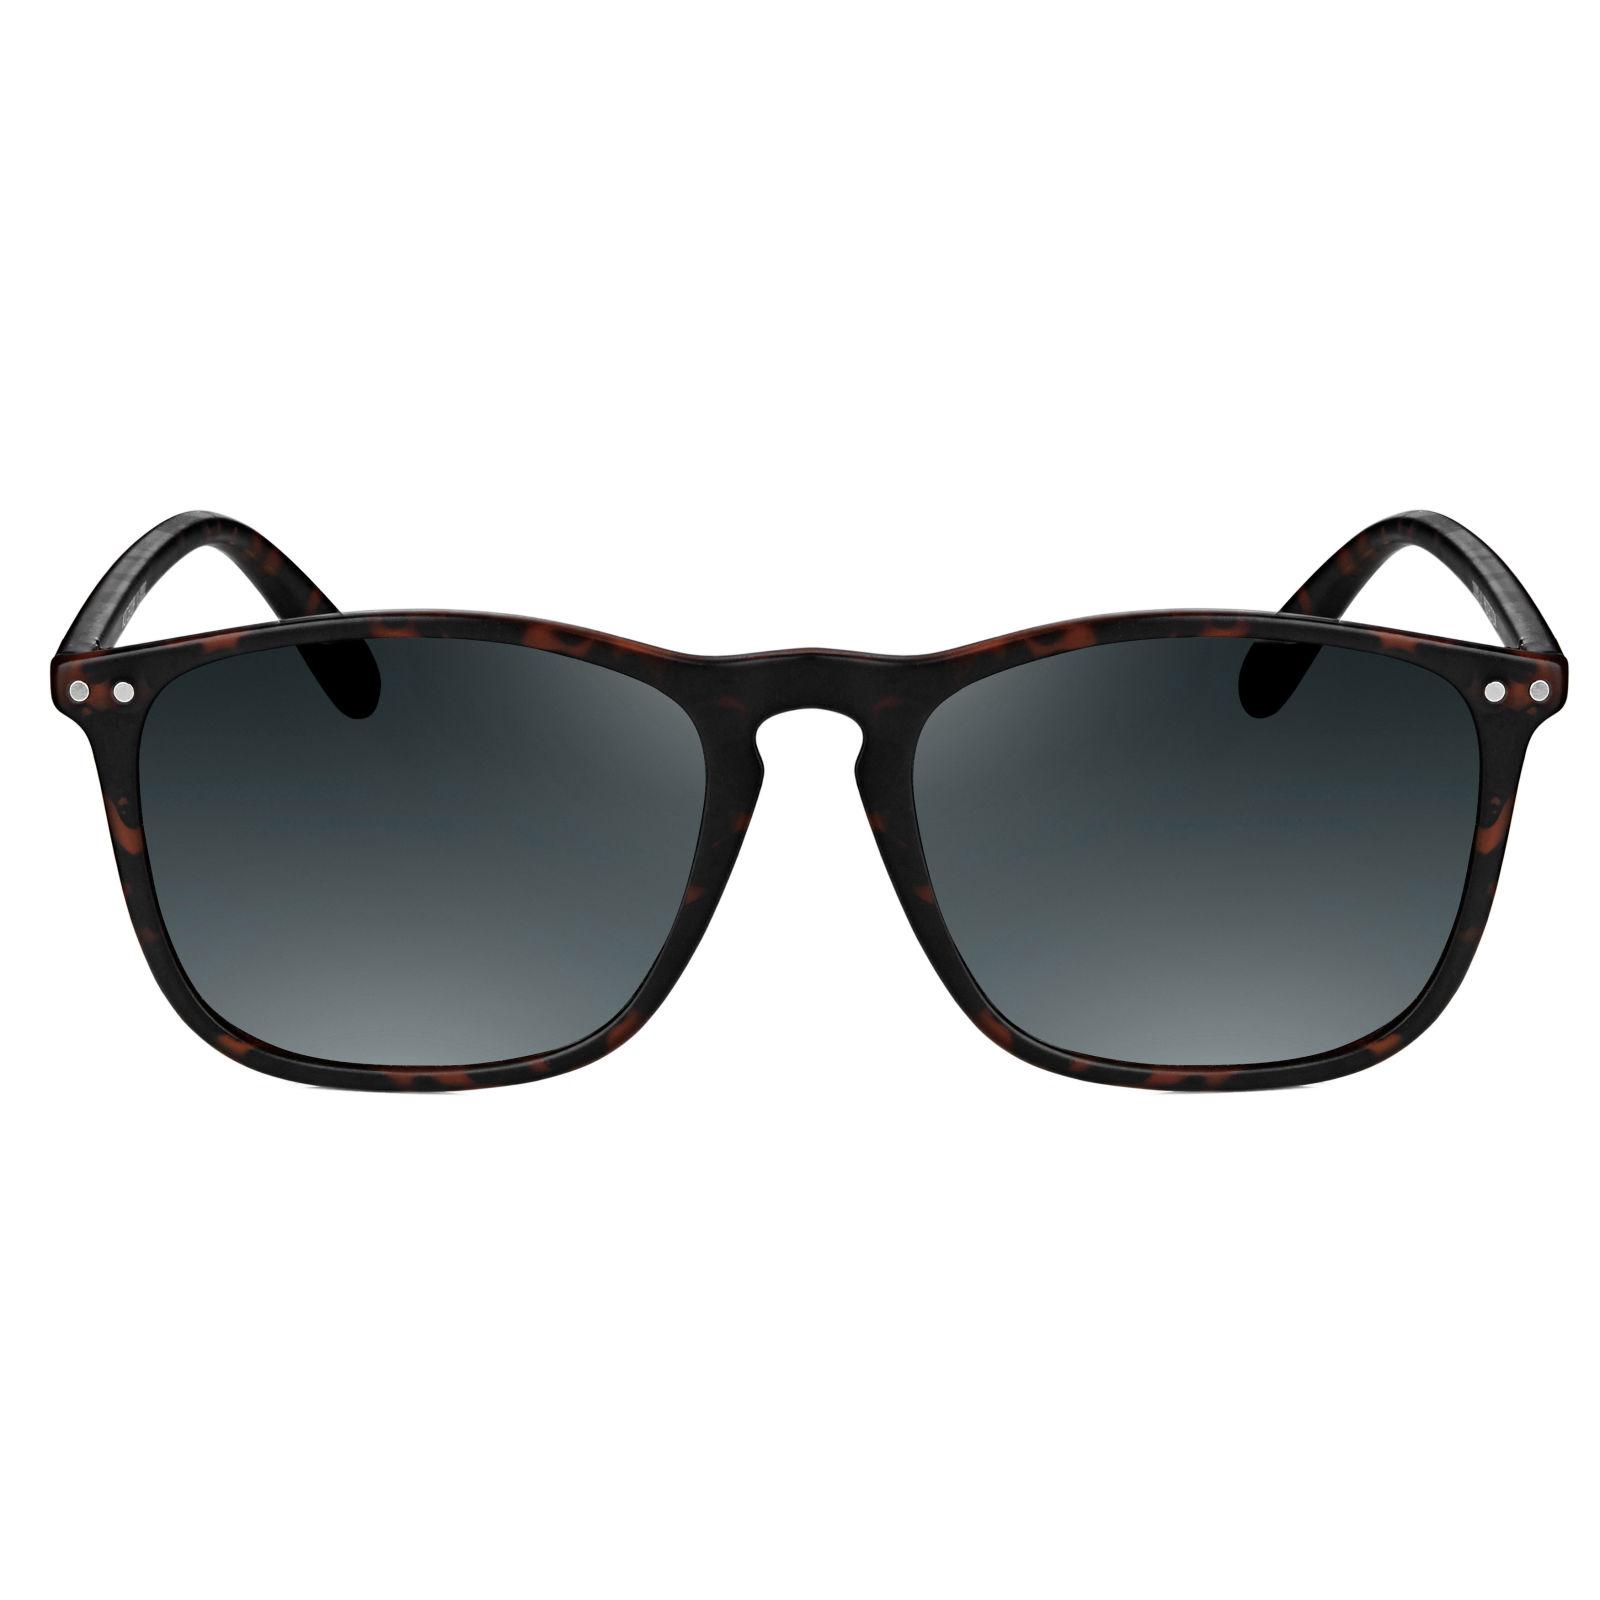 Walden Tortoise & Graue Sonnenbrille F3y0i2WaDE